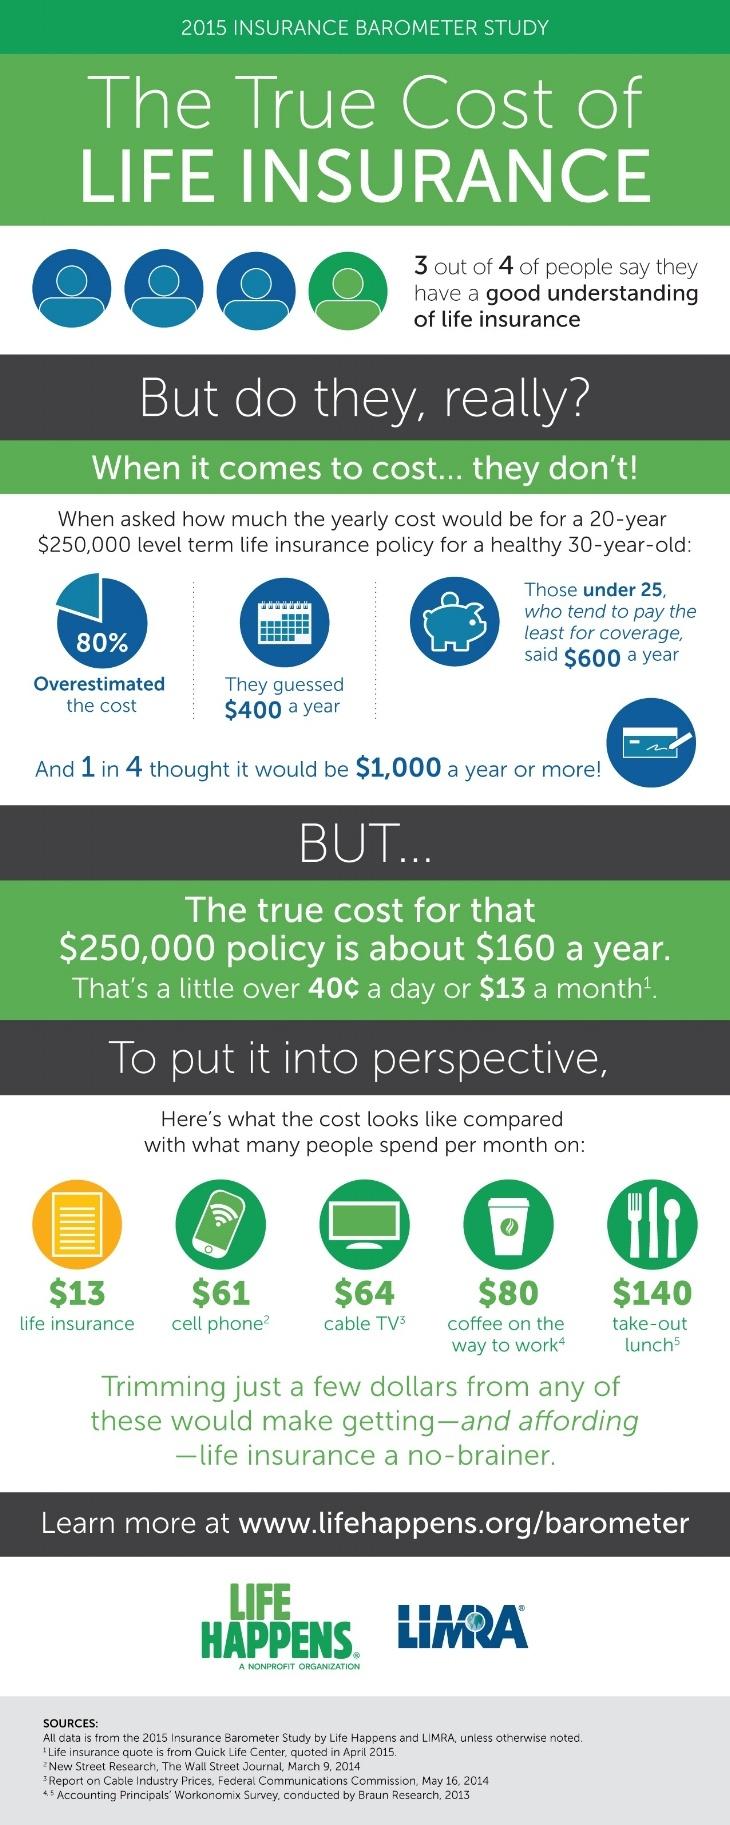 Life_Insurance_True_Cost-647506-edited.jpg